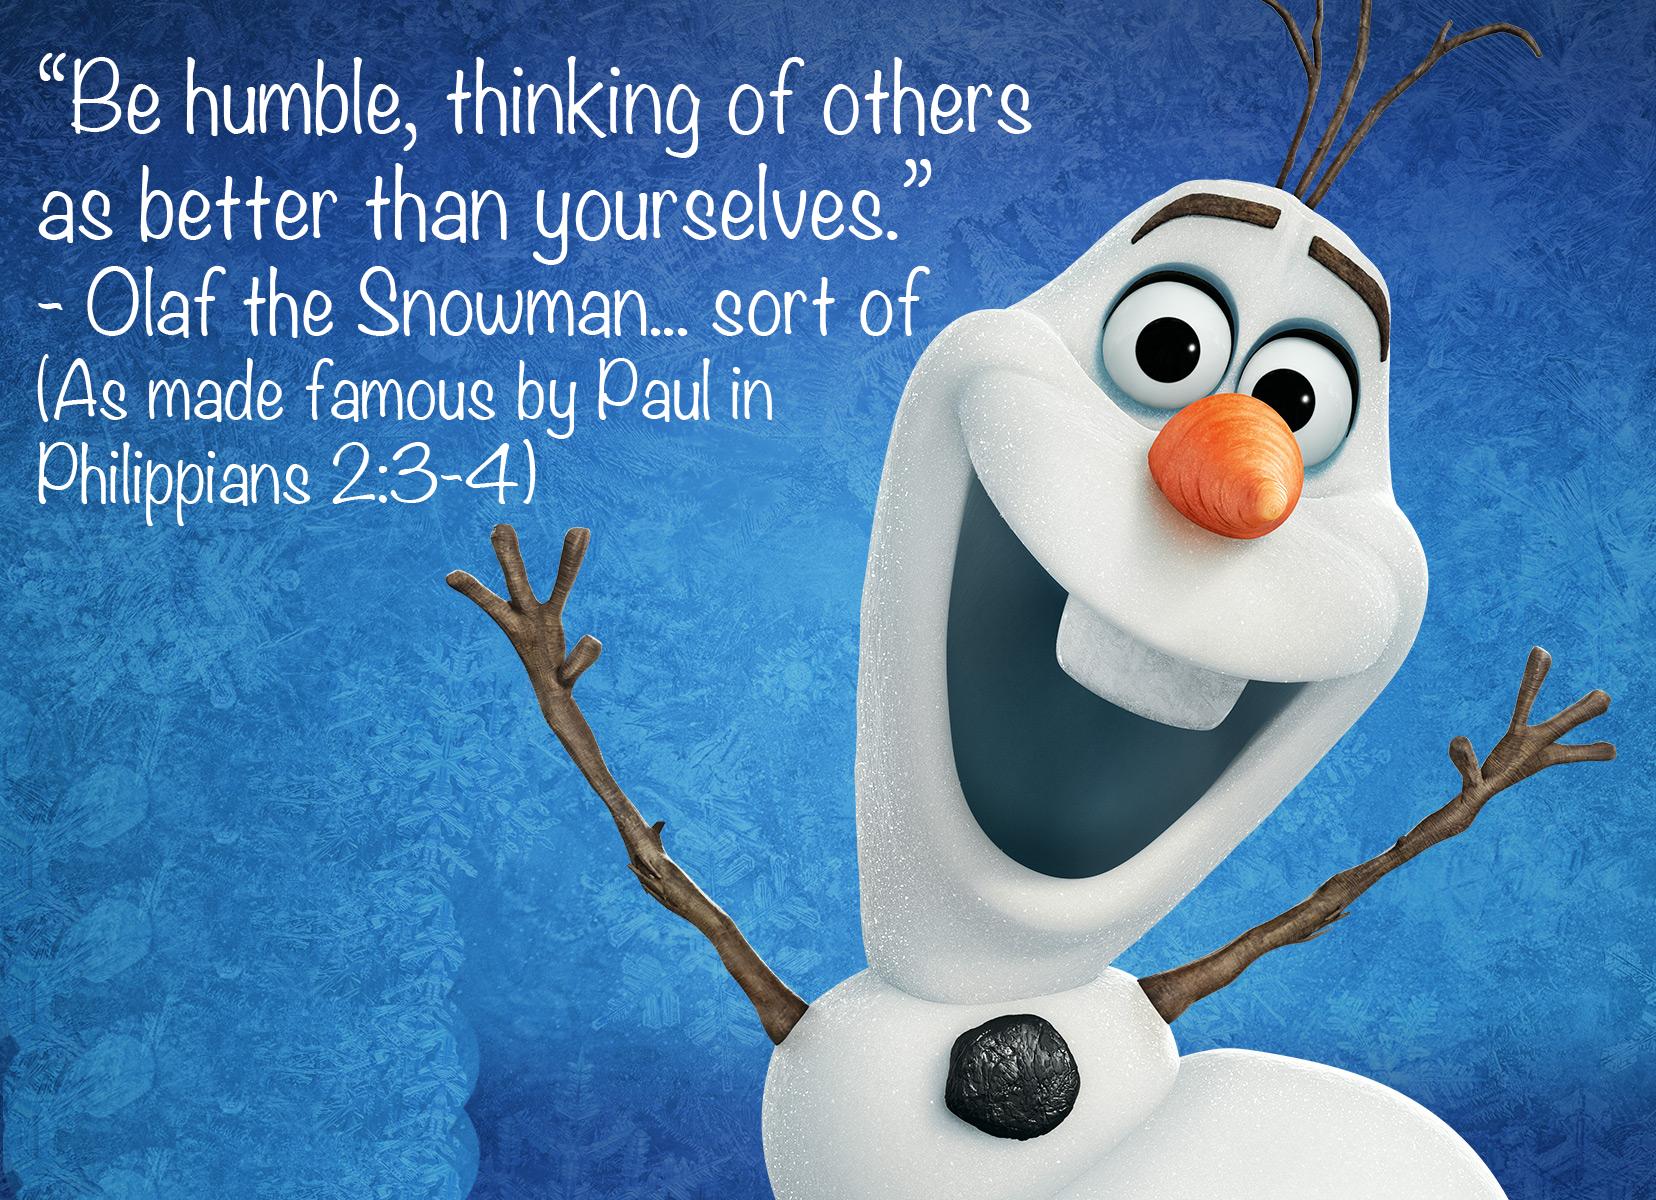 Walt Disney Coloring Pages Frozen : Frozen disney quotes coloring free coloring pages for kids